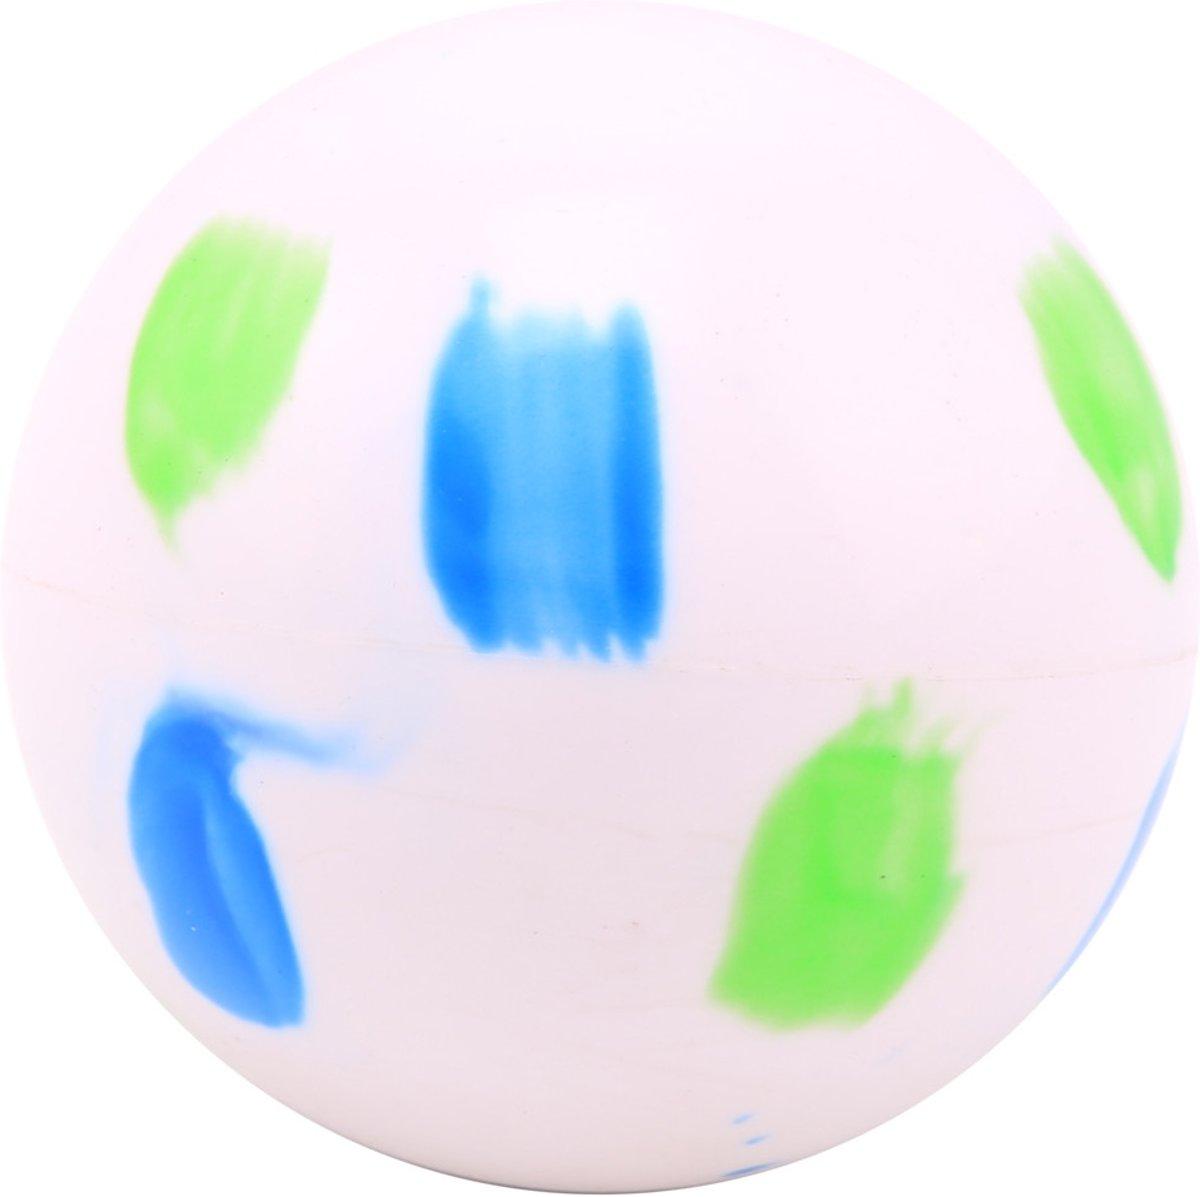 Hockeybal multicolor - blauw/groen -120 stuks kopen